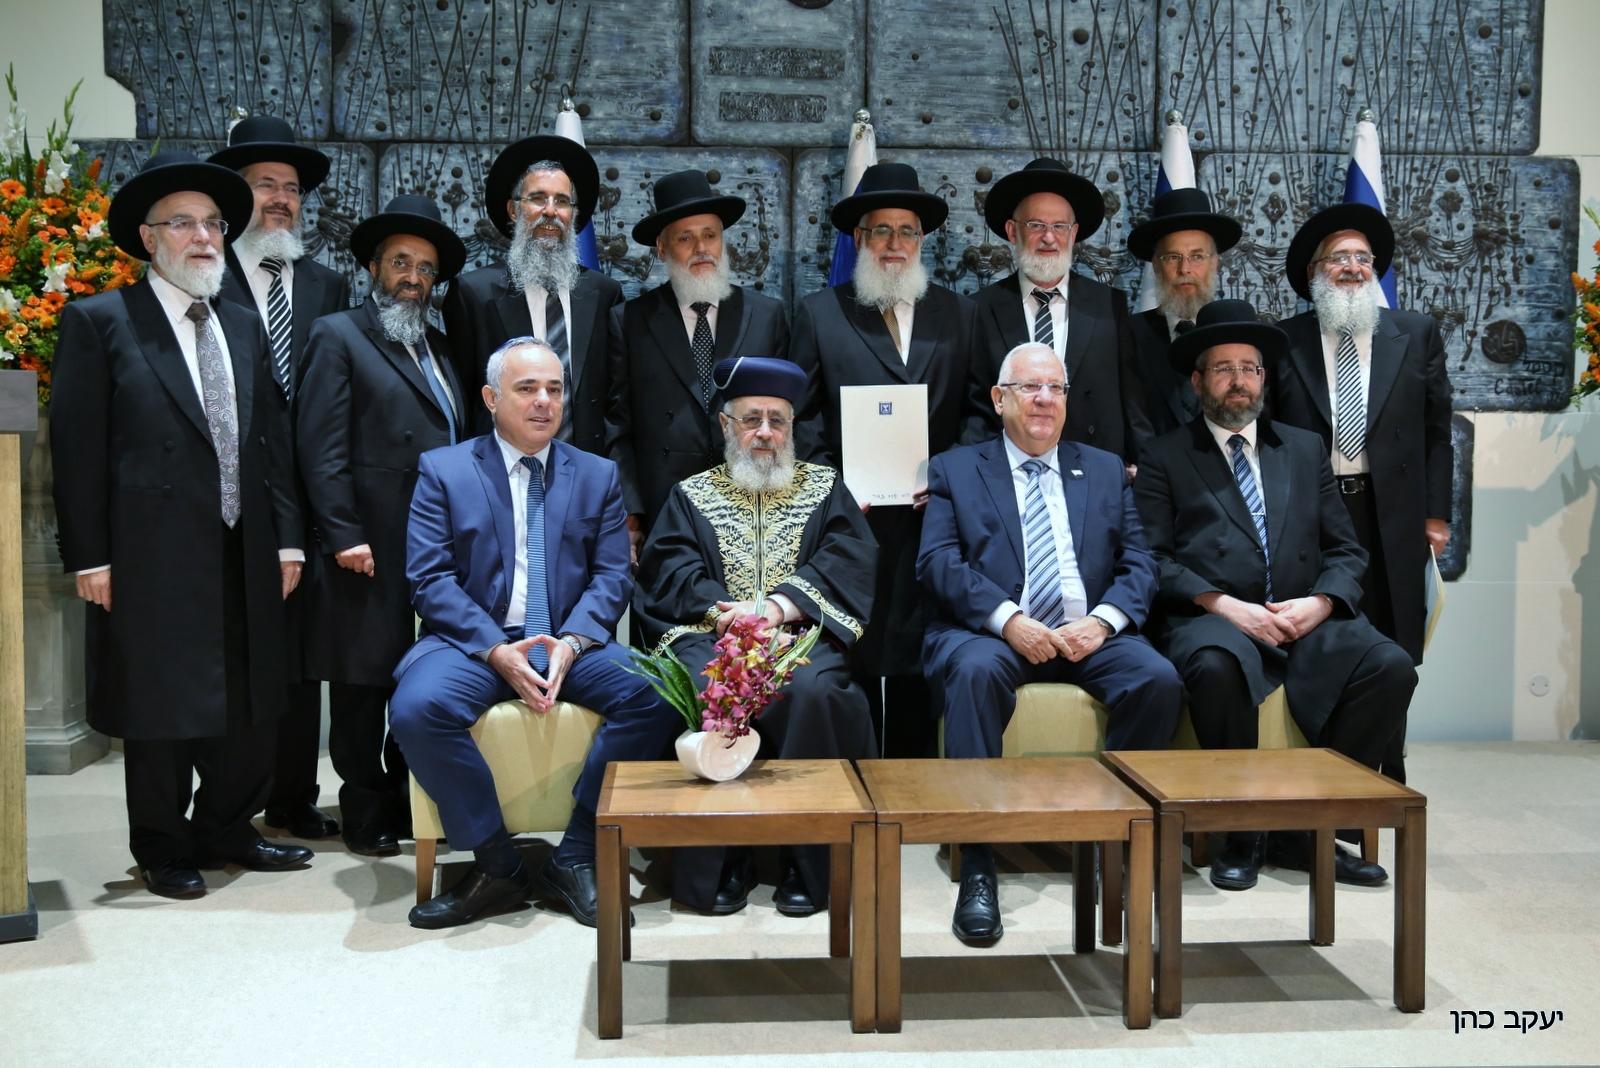 מנהל בתי הדין הרבניים: למנות לאלתר 27 דיינים חדשים